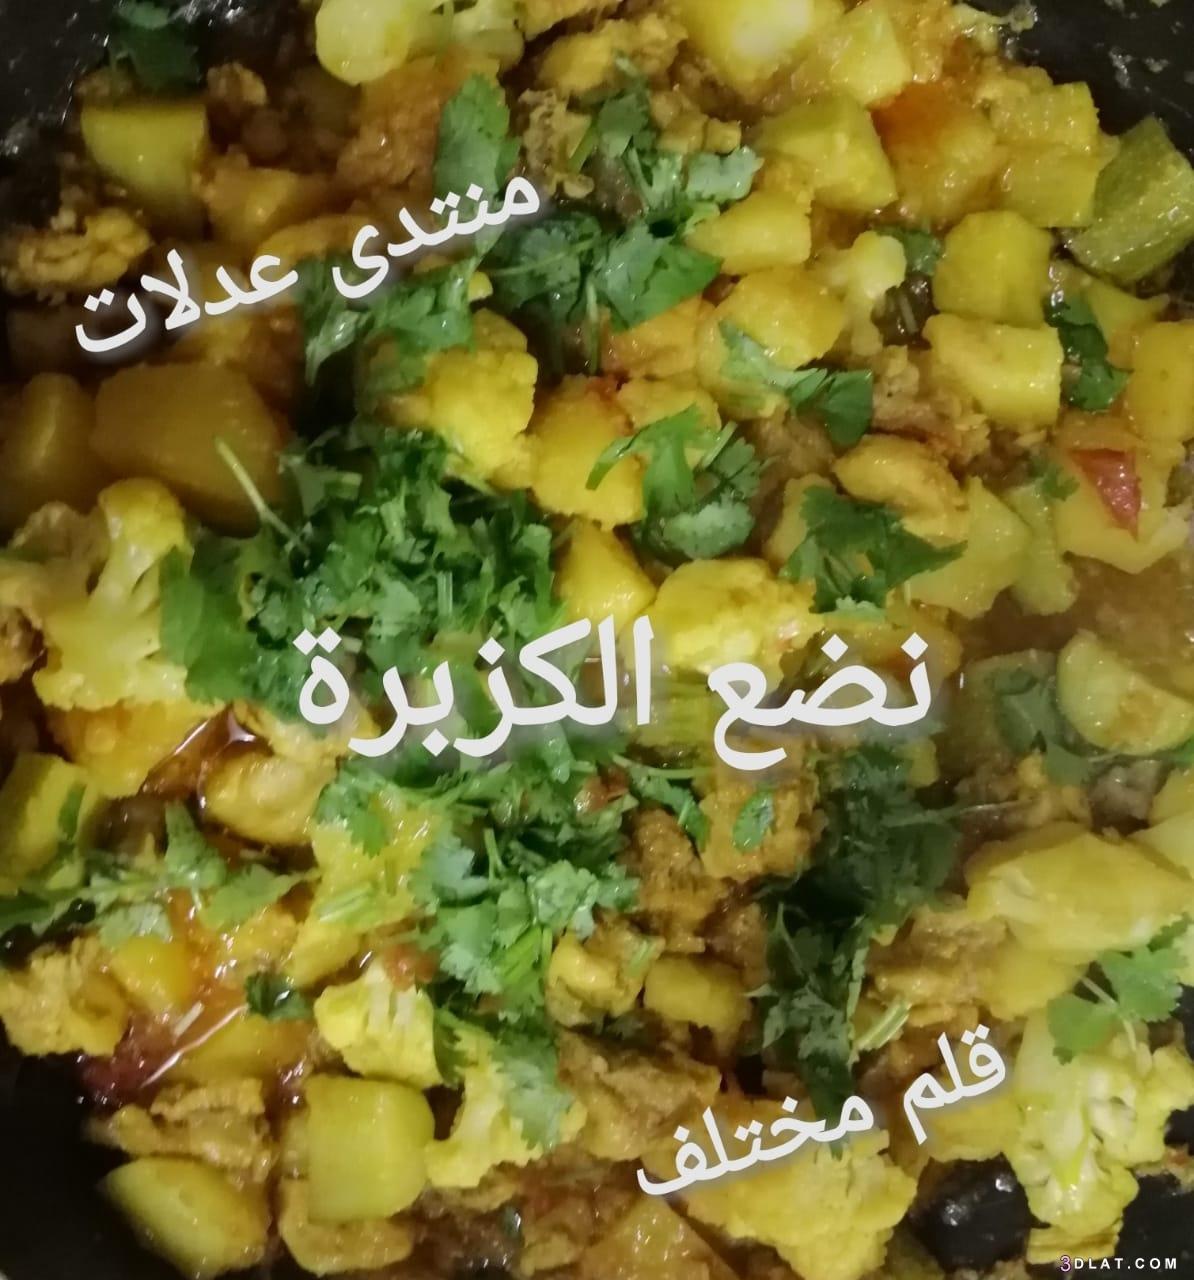 مطبخي ((قطع الدجاج الخضروات)) 3dlat.com_29_18_4445